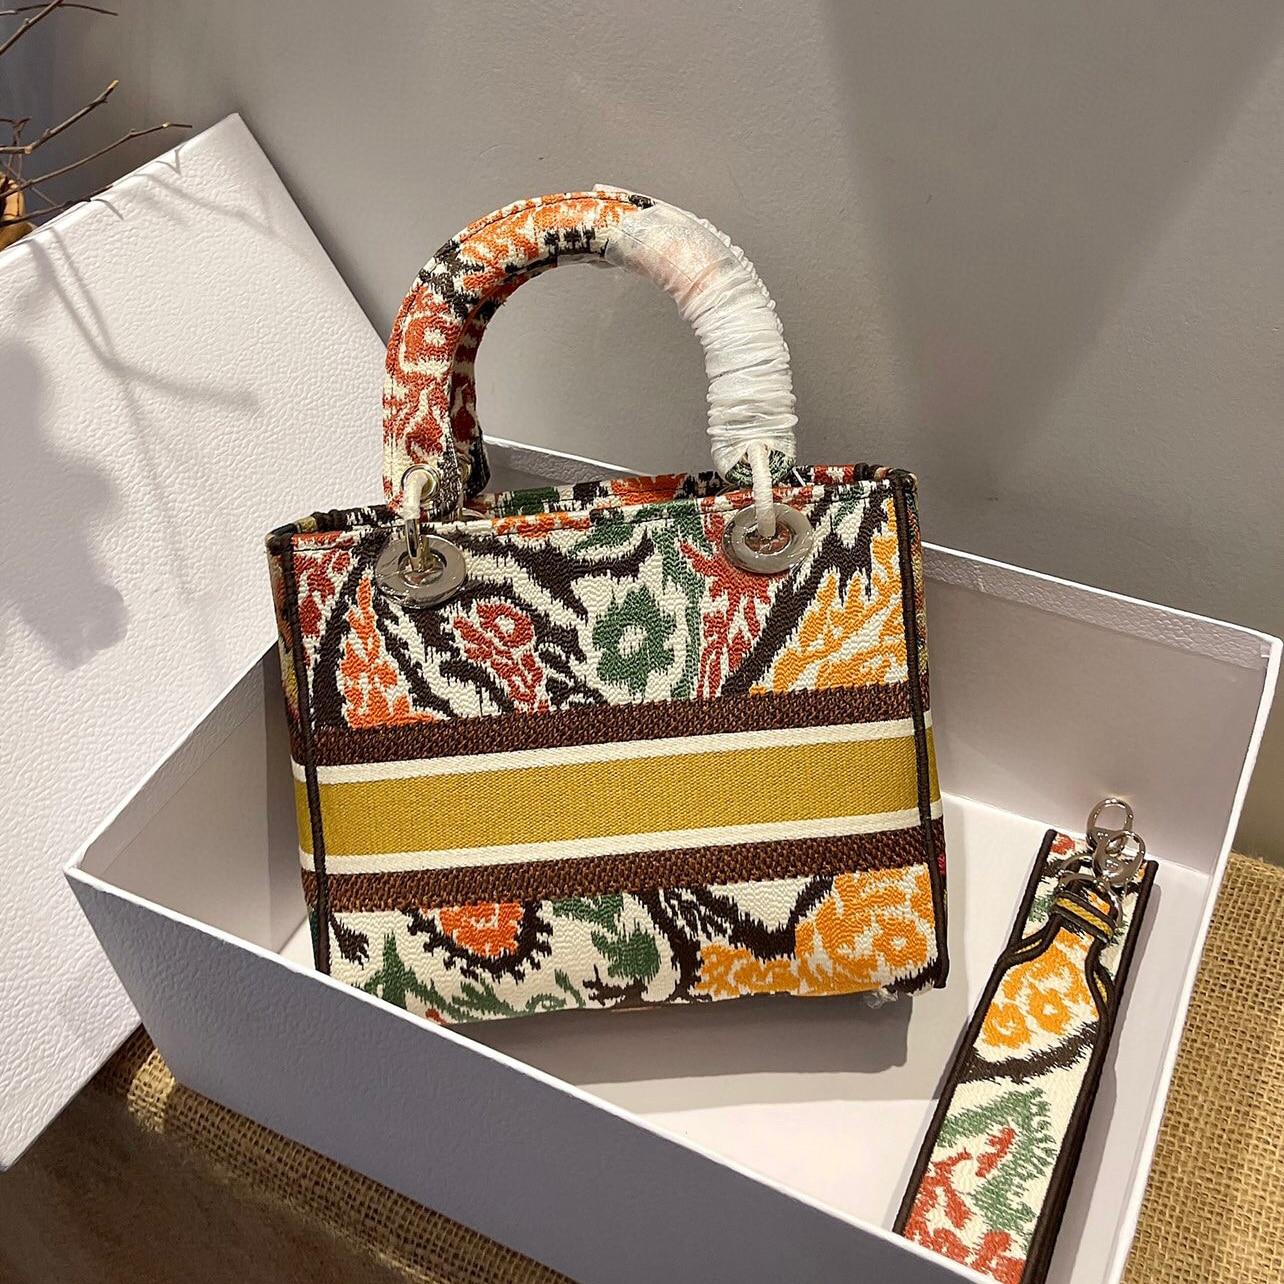 2021 حقيبة ساعي يد نسائية بنمط مطرز ، تصميم فريد ، عناصر شرقية ، ضرورية للبنات العصرية